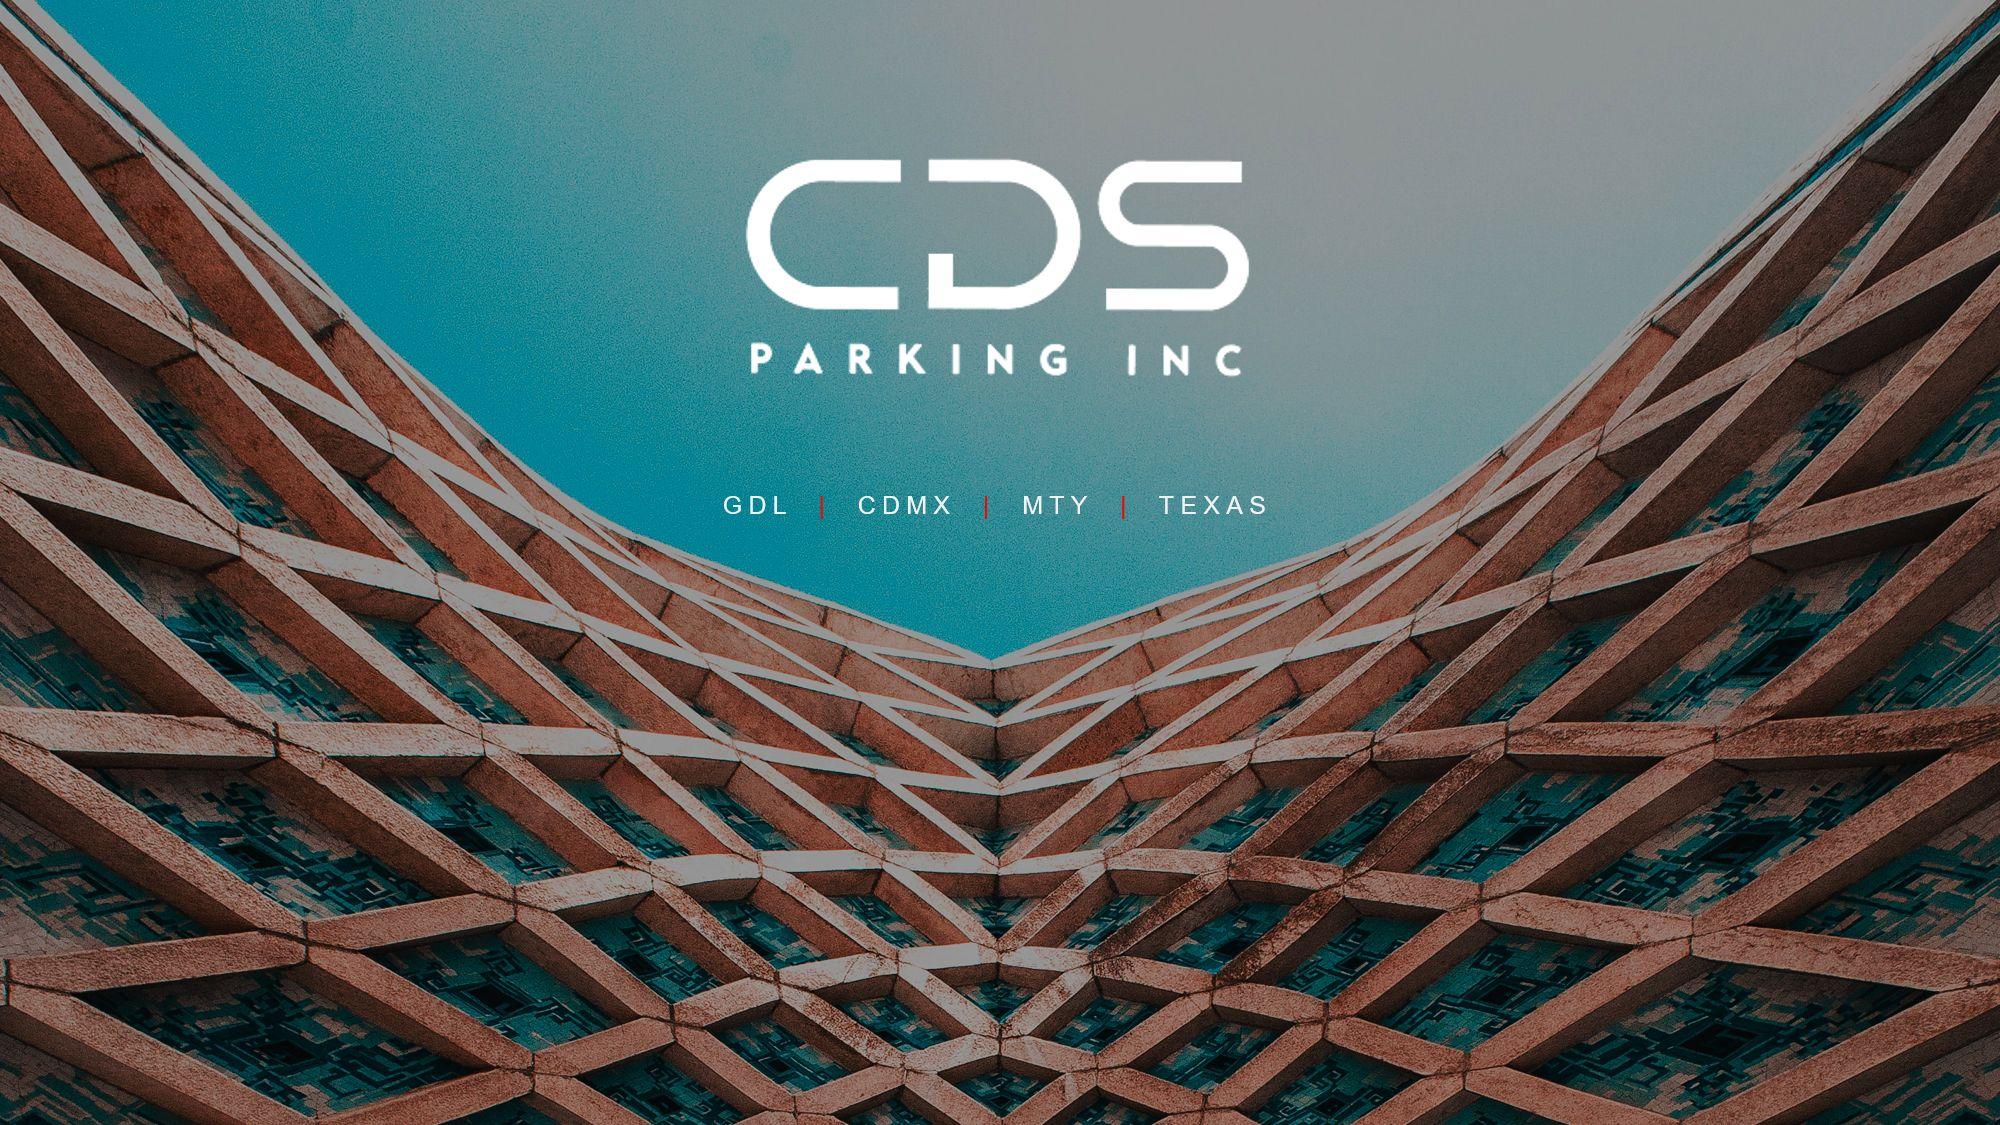 cds estacionamiento automatico